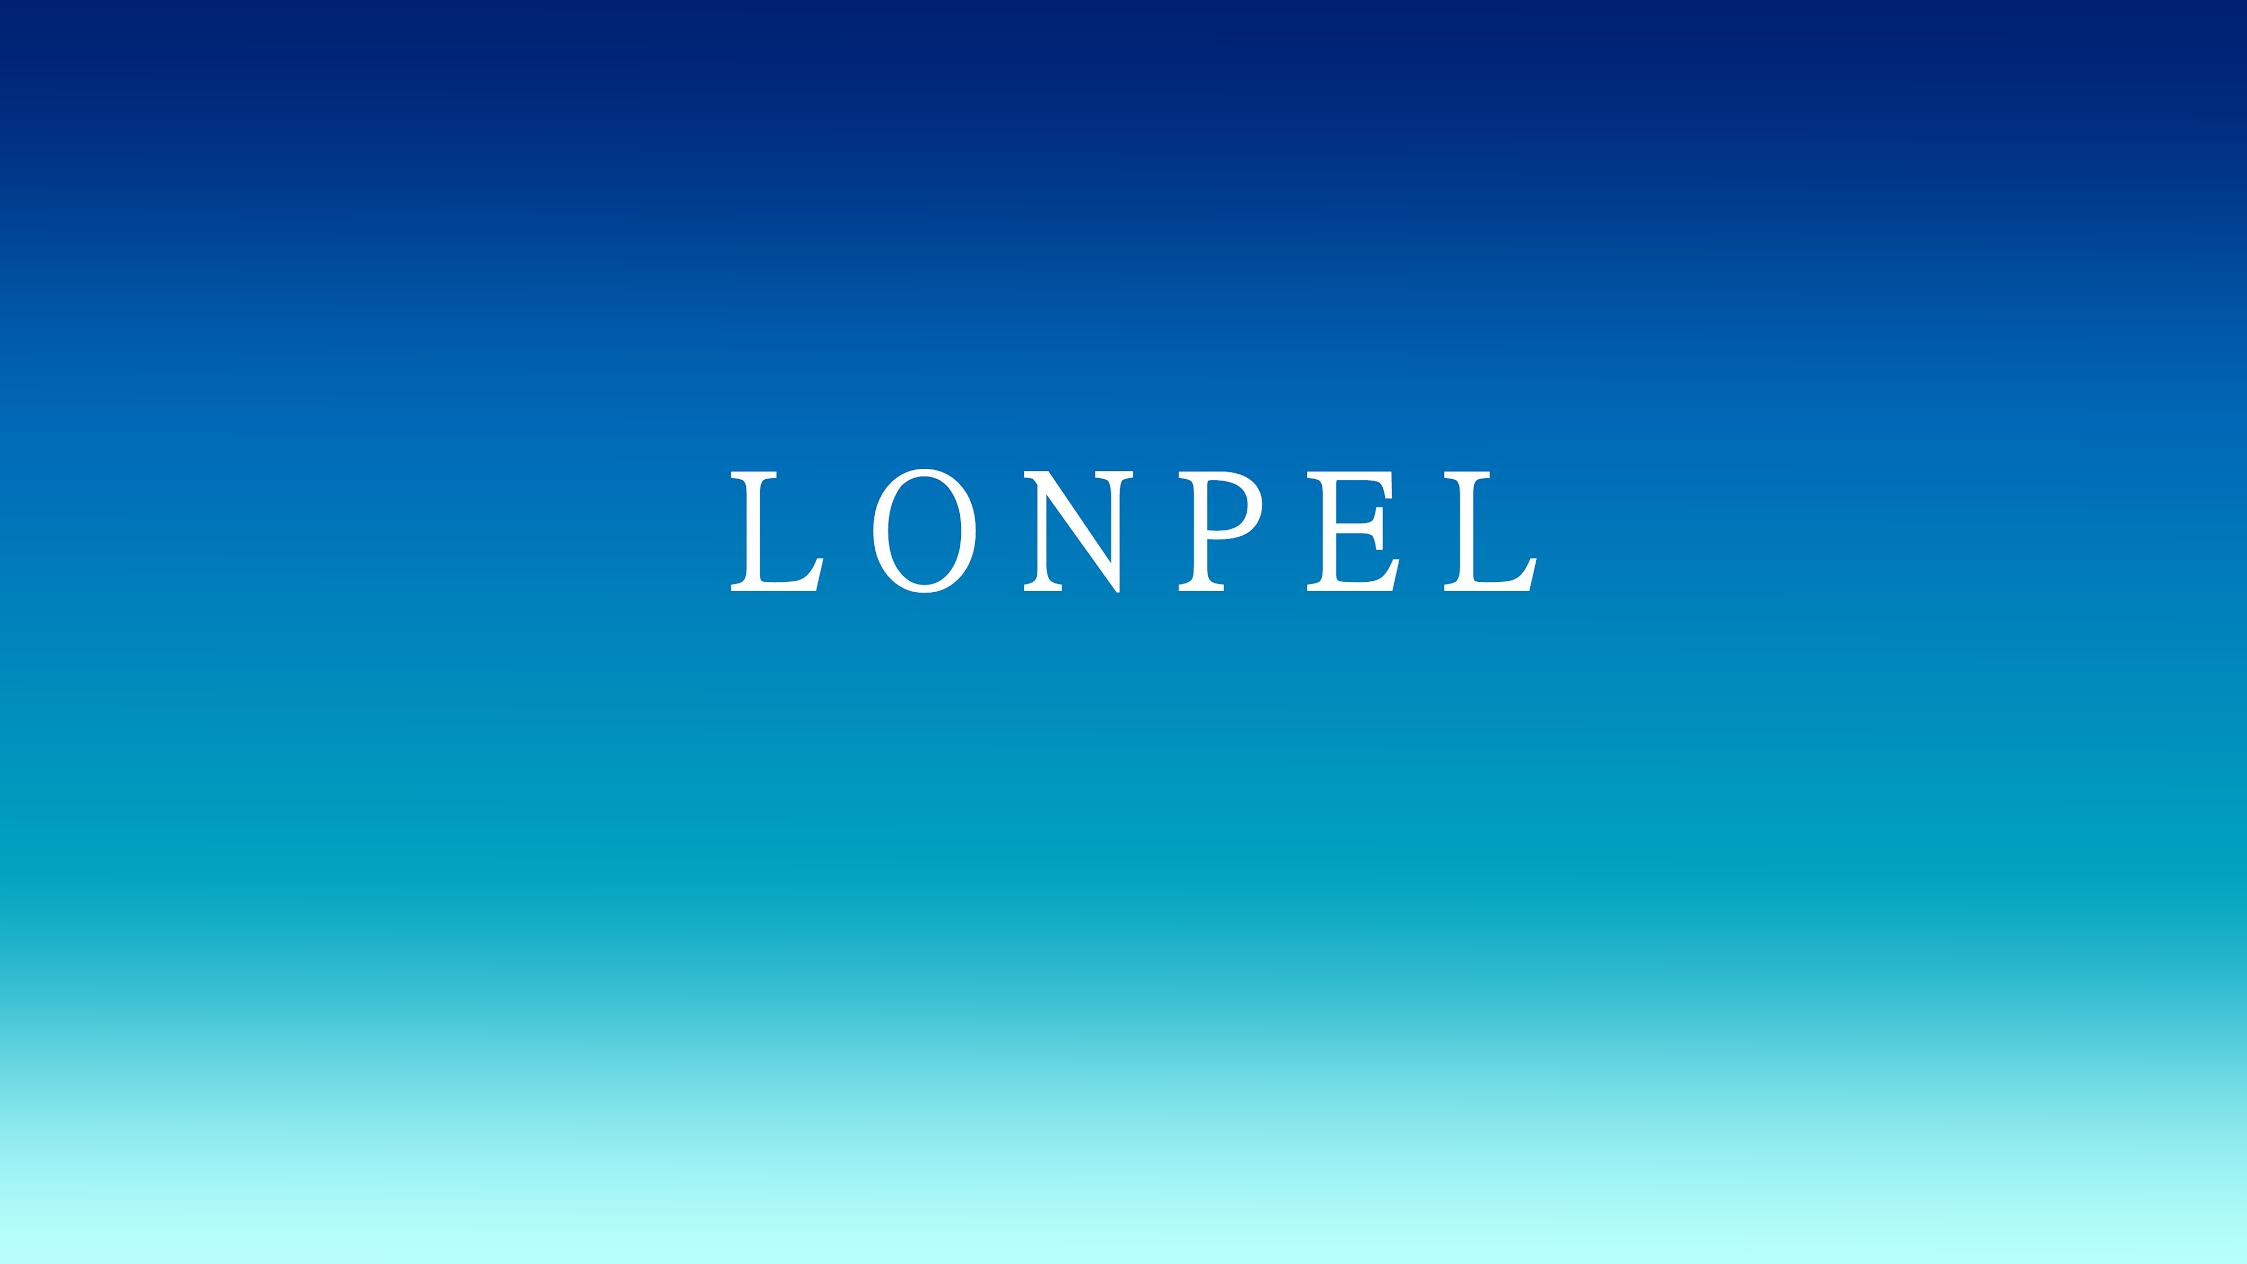 LONPEL